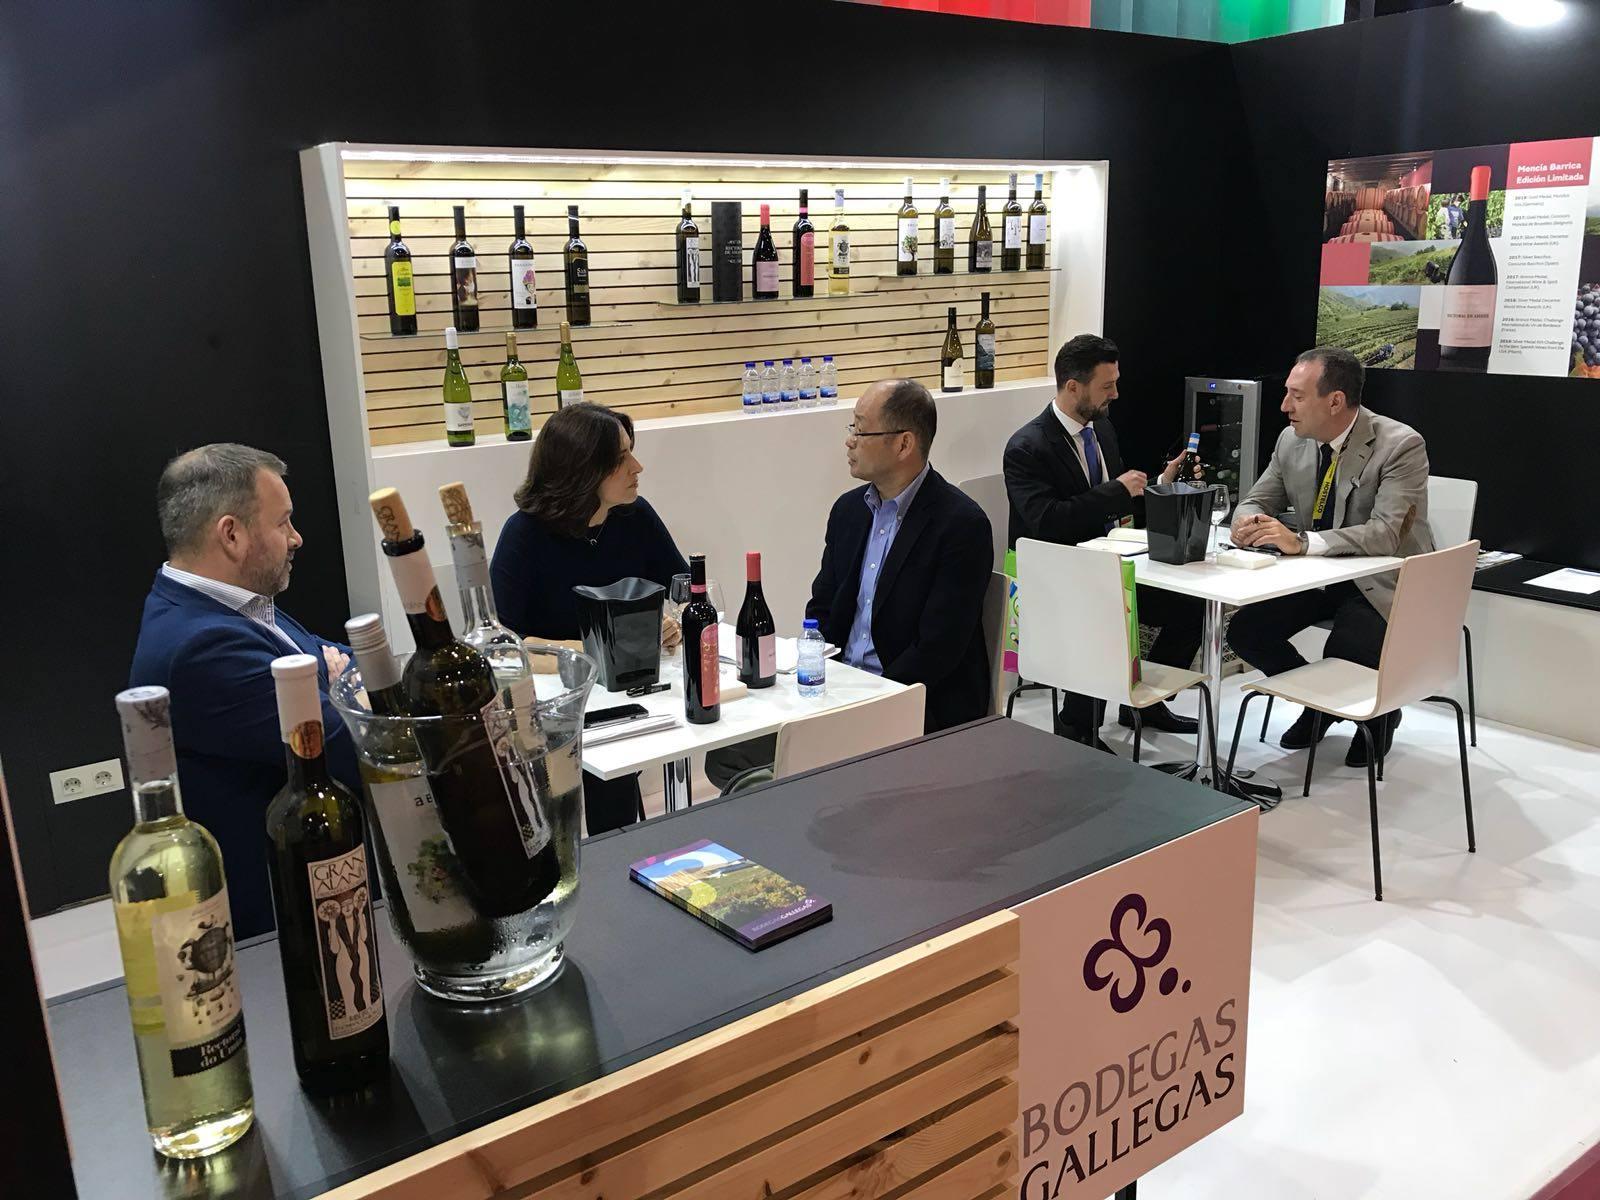 Los vinos de Bodegas Gallegas reciben más de veinte premios internacionales en lo que va de año